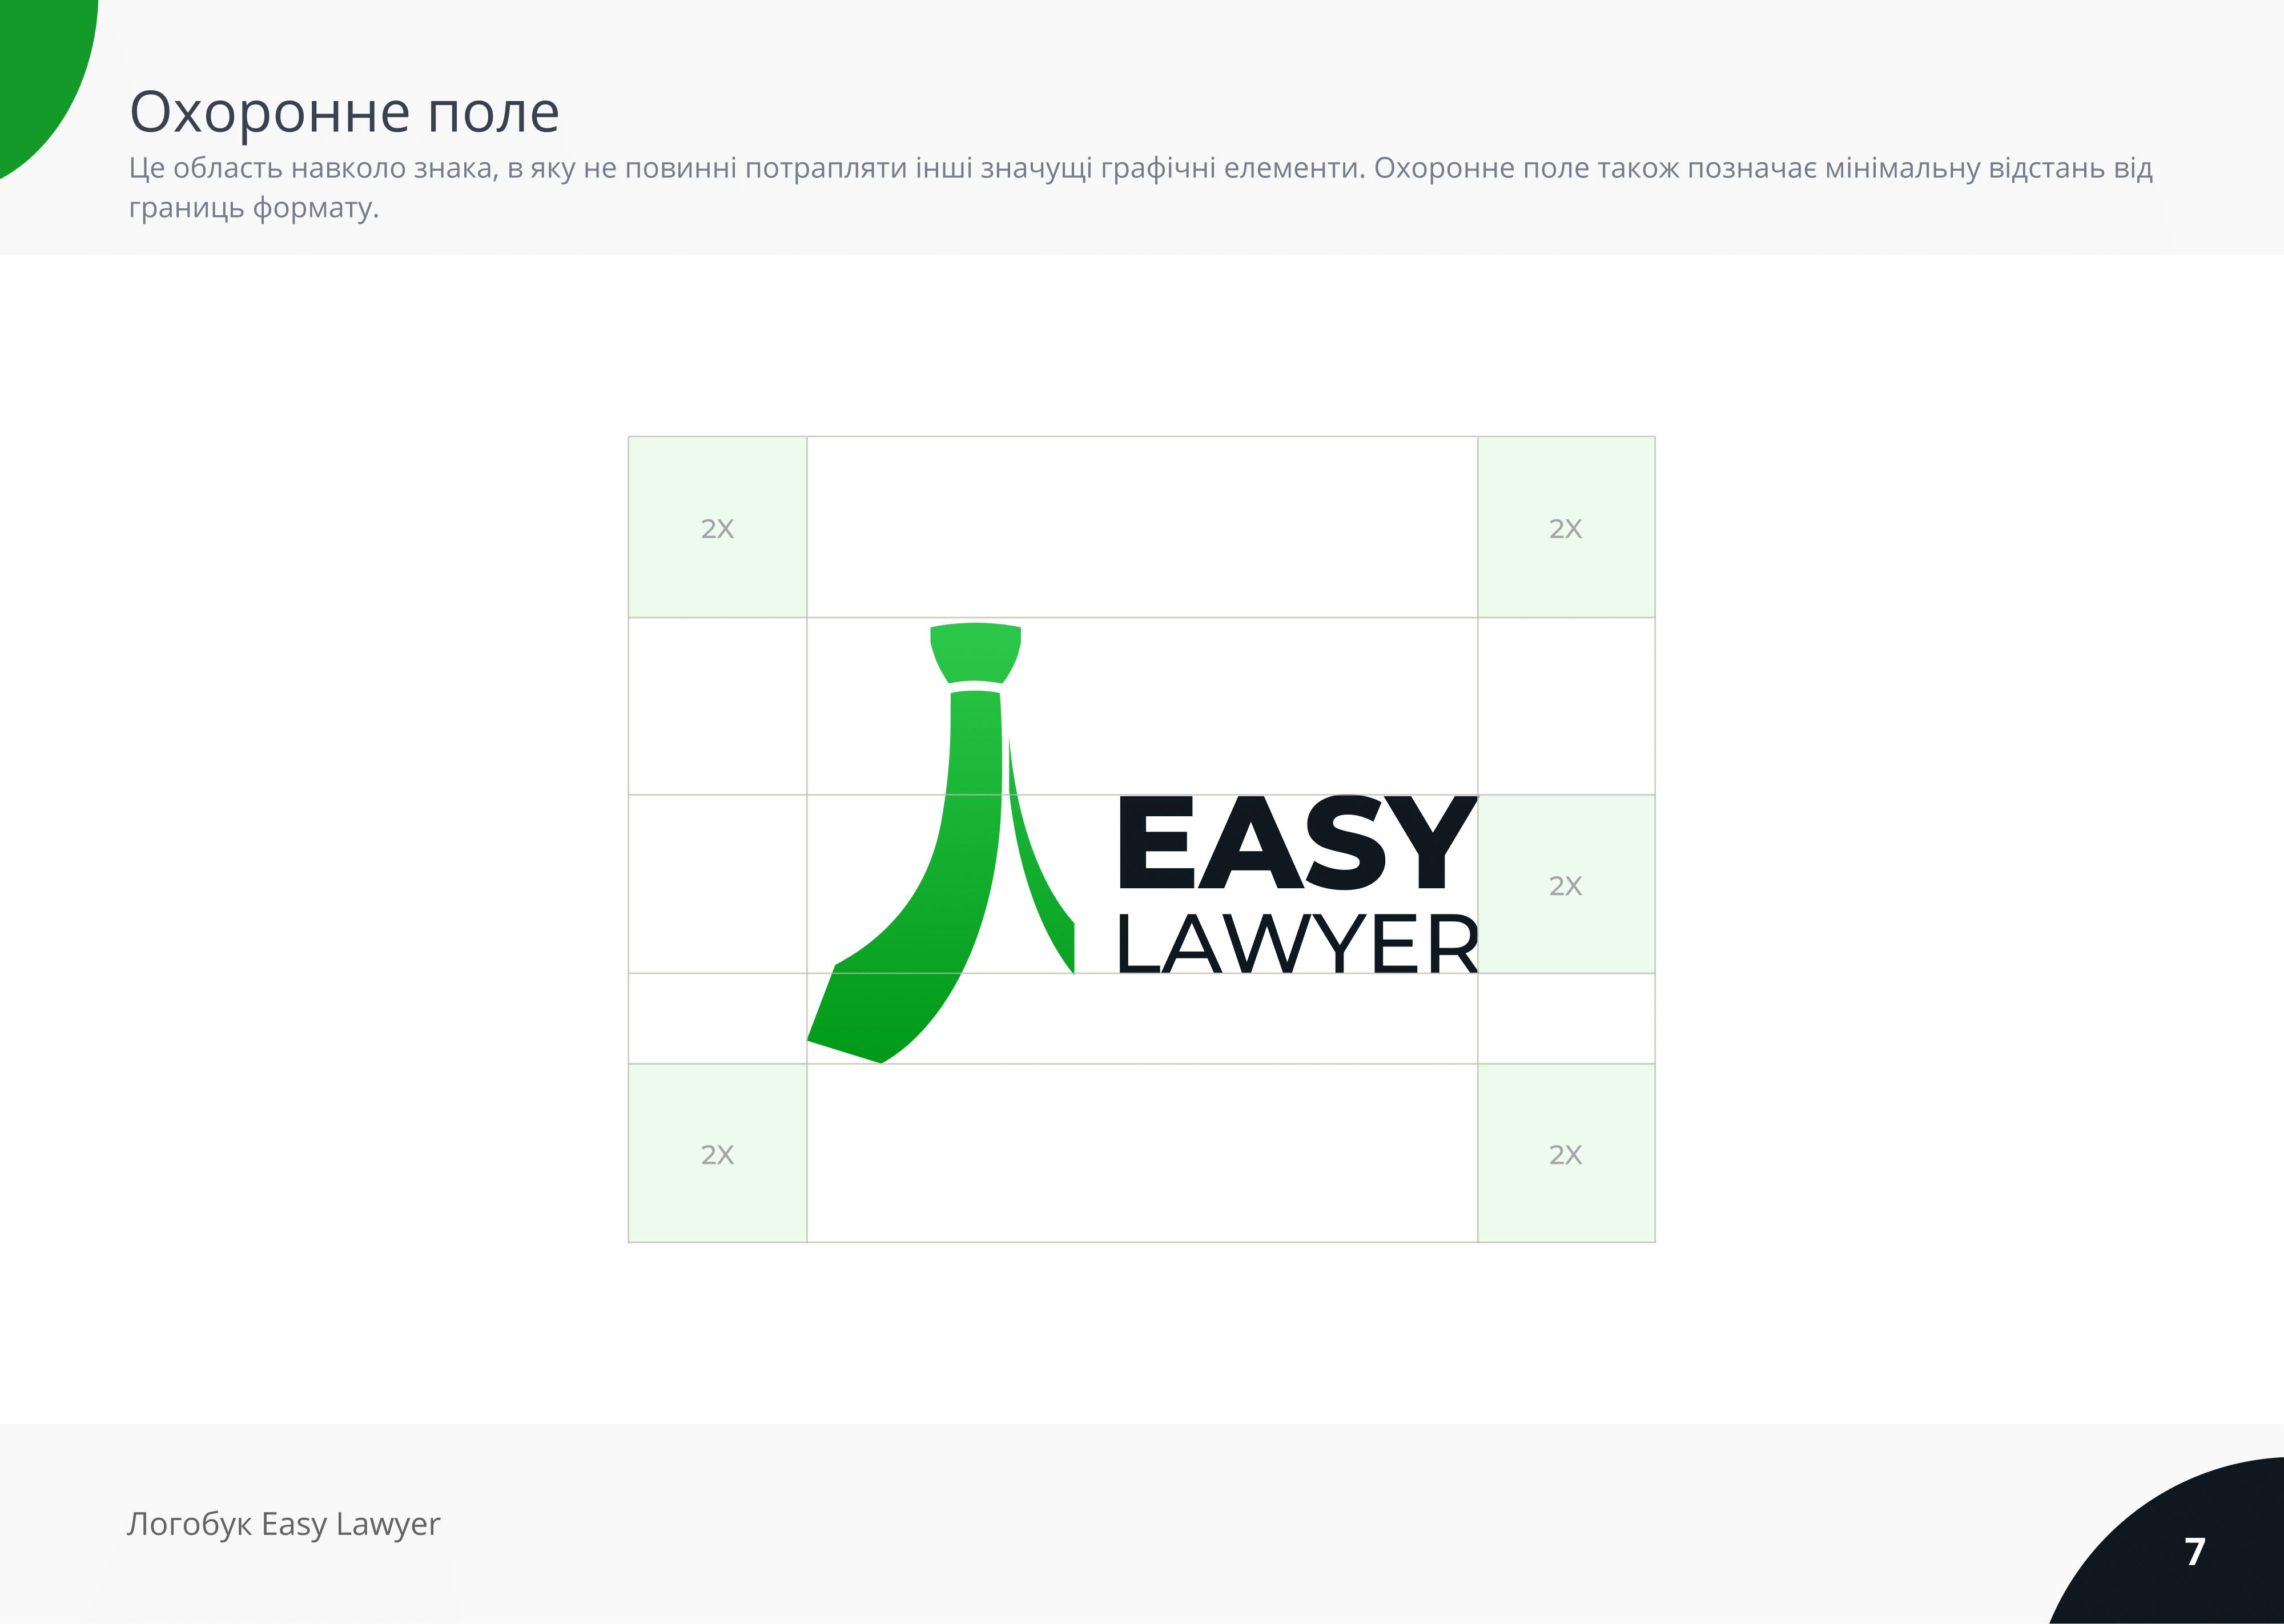 Easy Lawyer (Logobook)-07